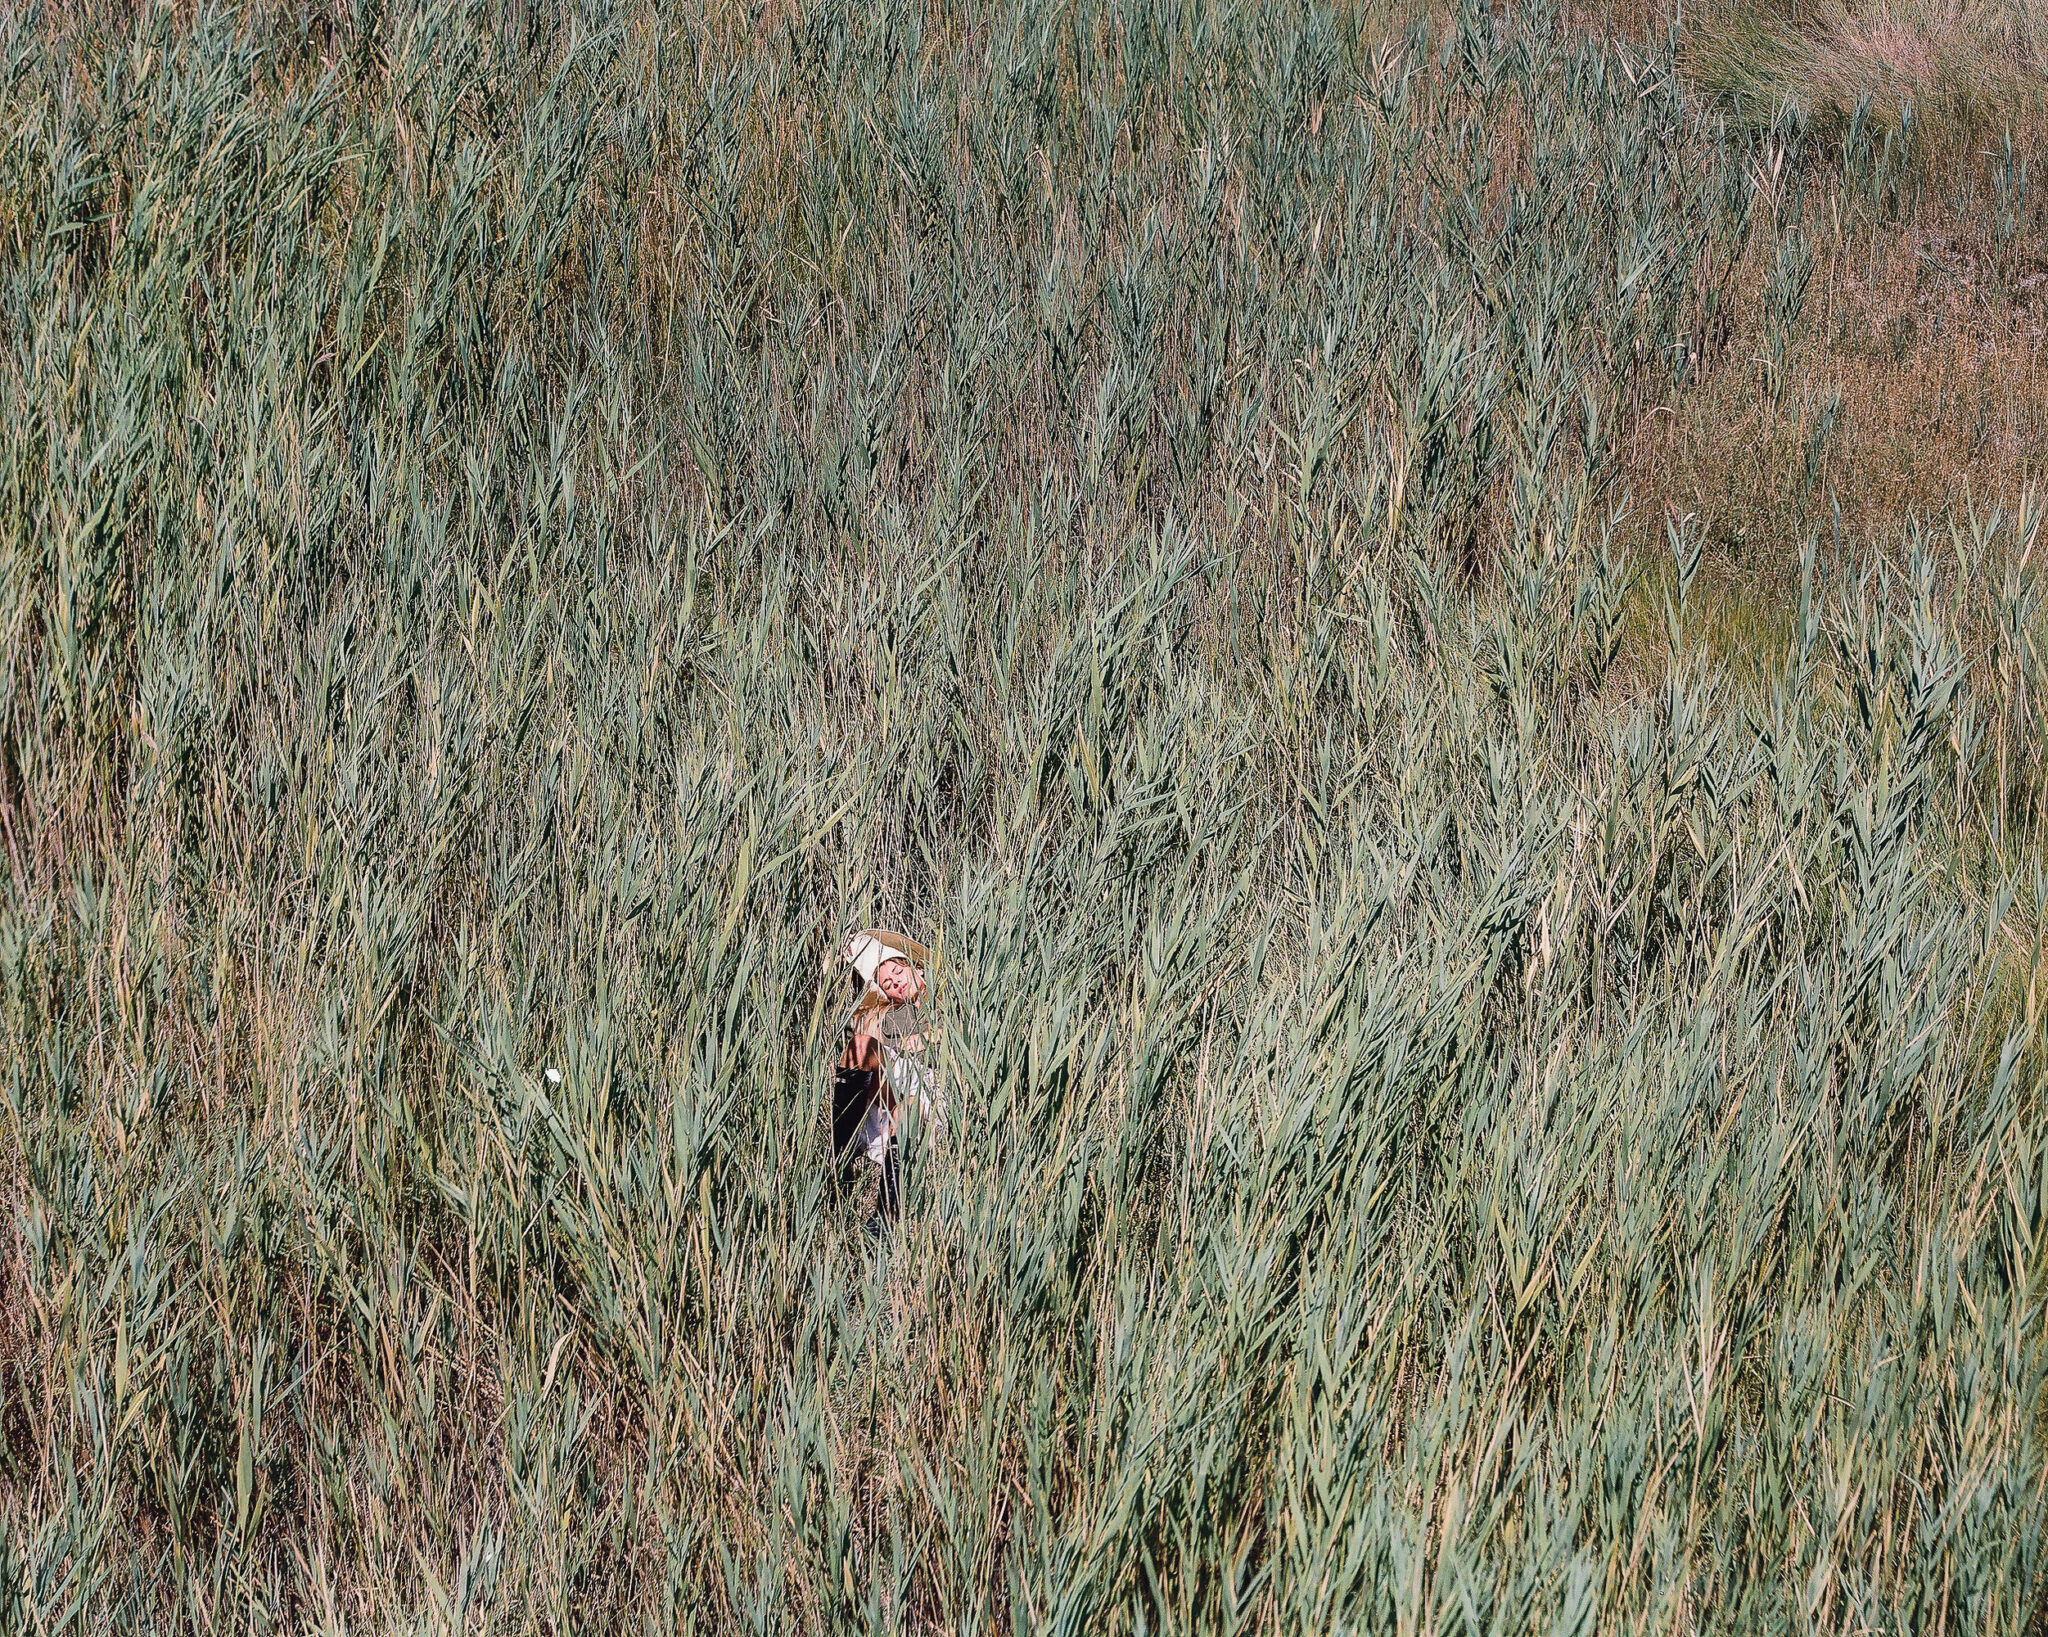 Fotografia aerea di modella che si perde in mezzo a un campo di grano verde, con Mamiya RZ67 medio formato